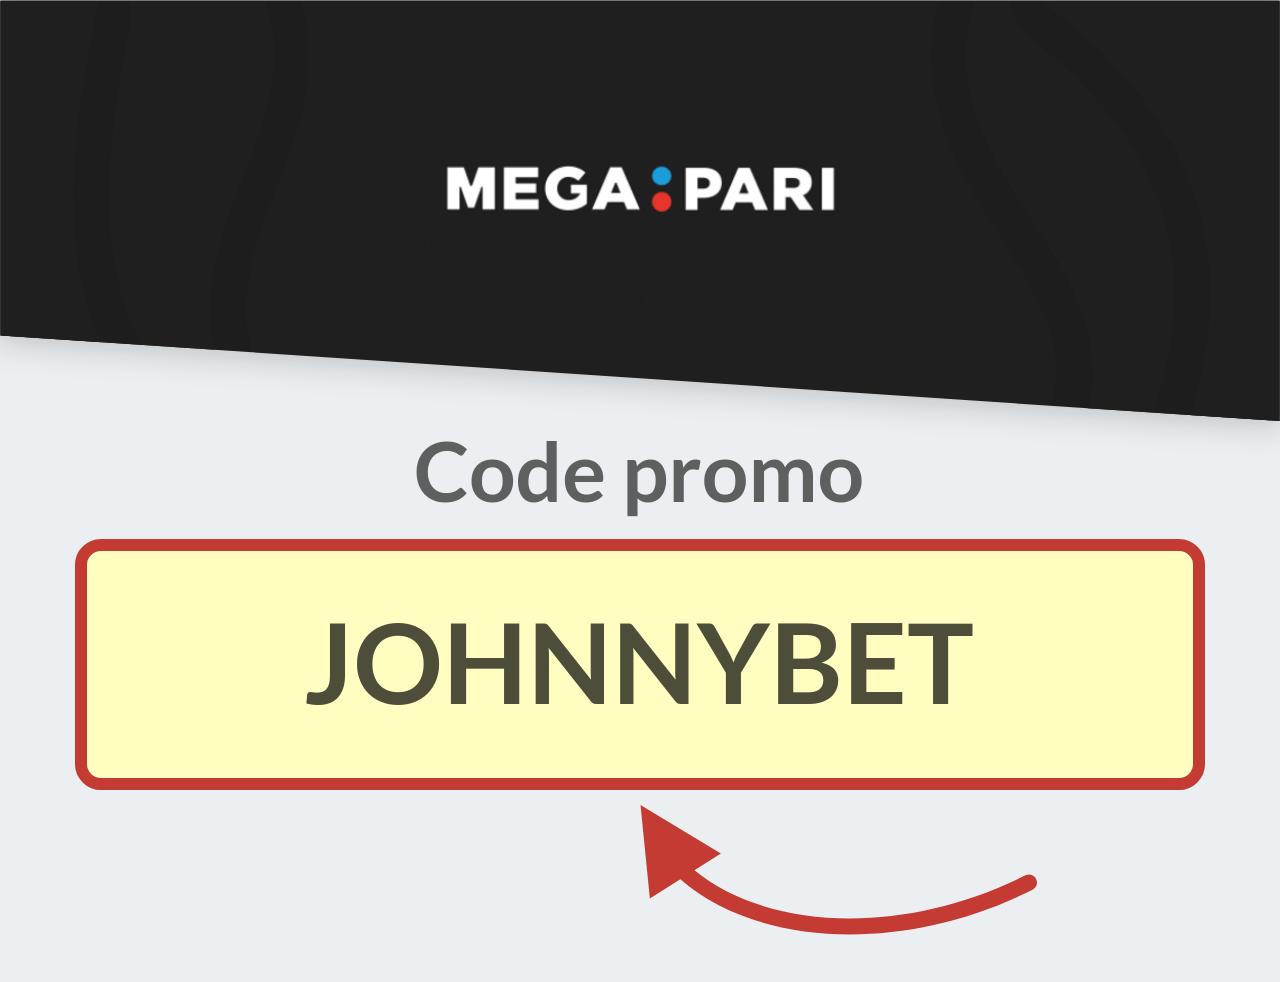 Code promo Megapari